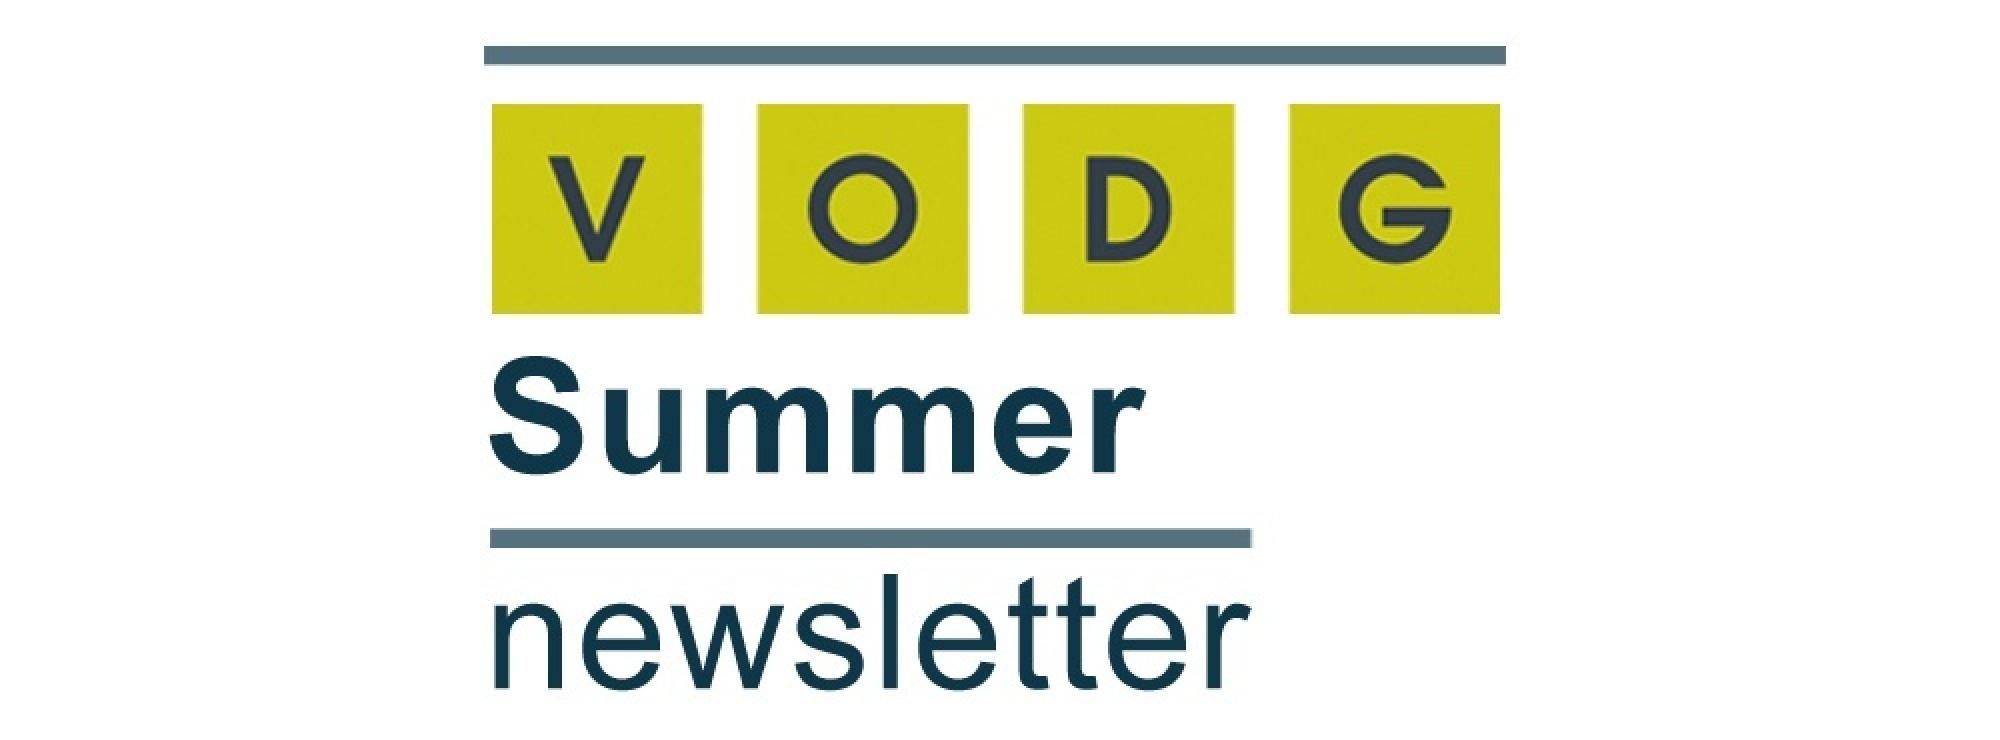 2017 Summer newsletter